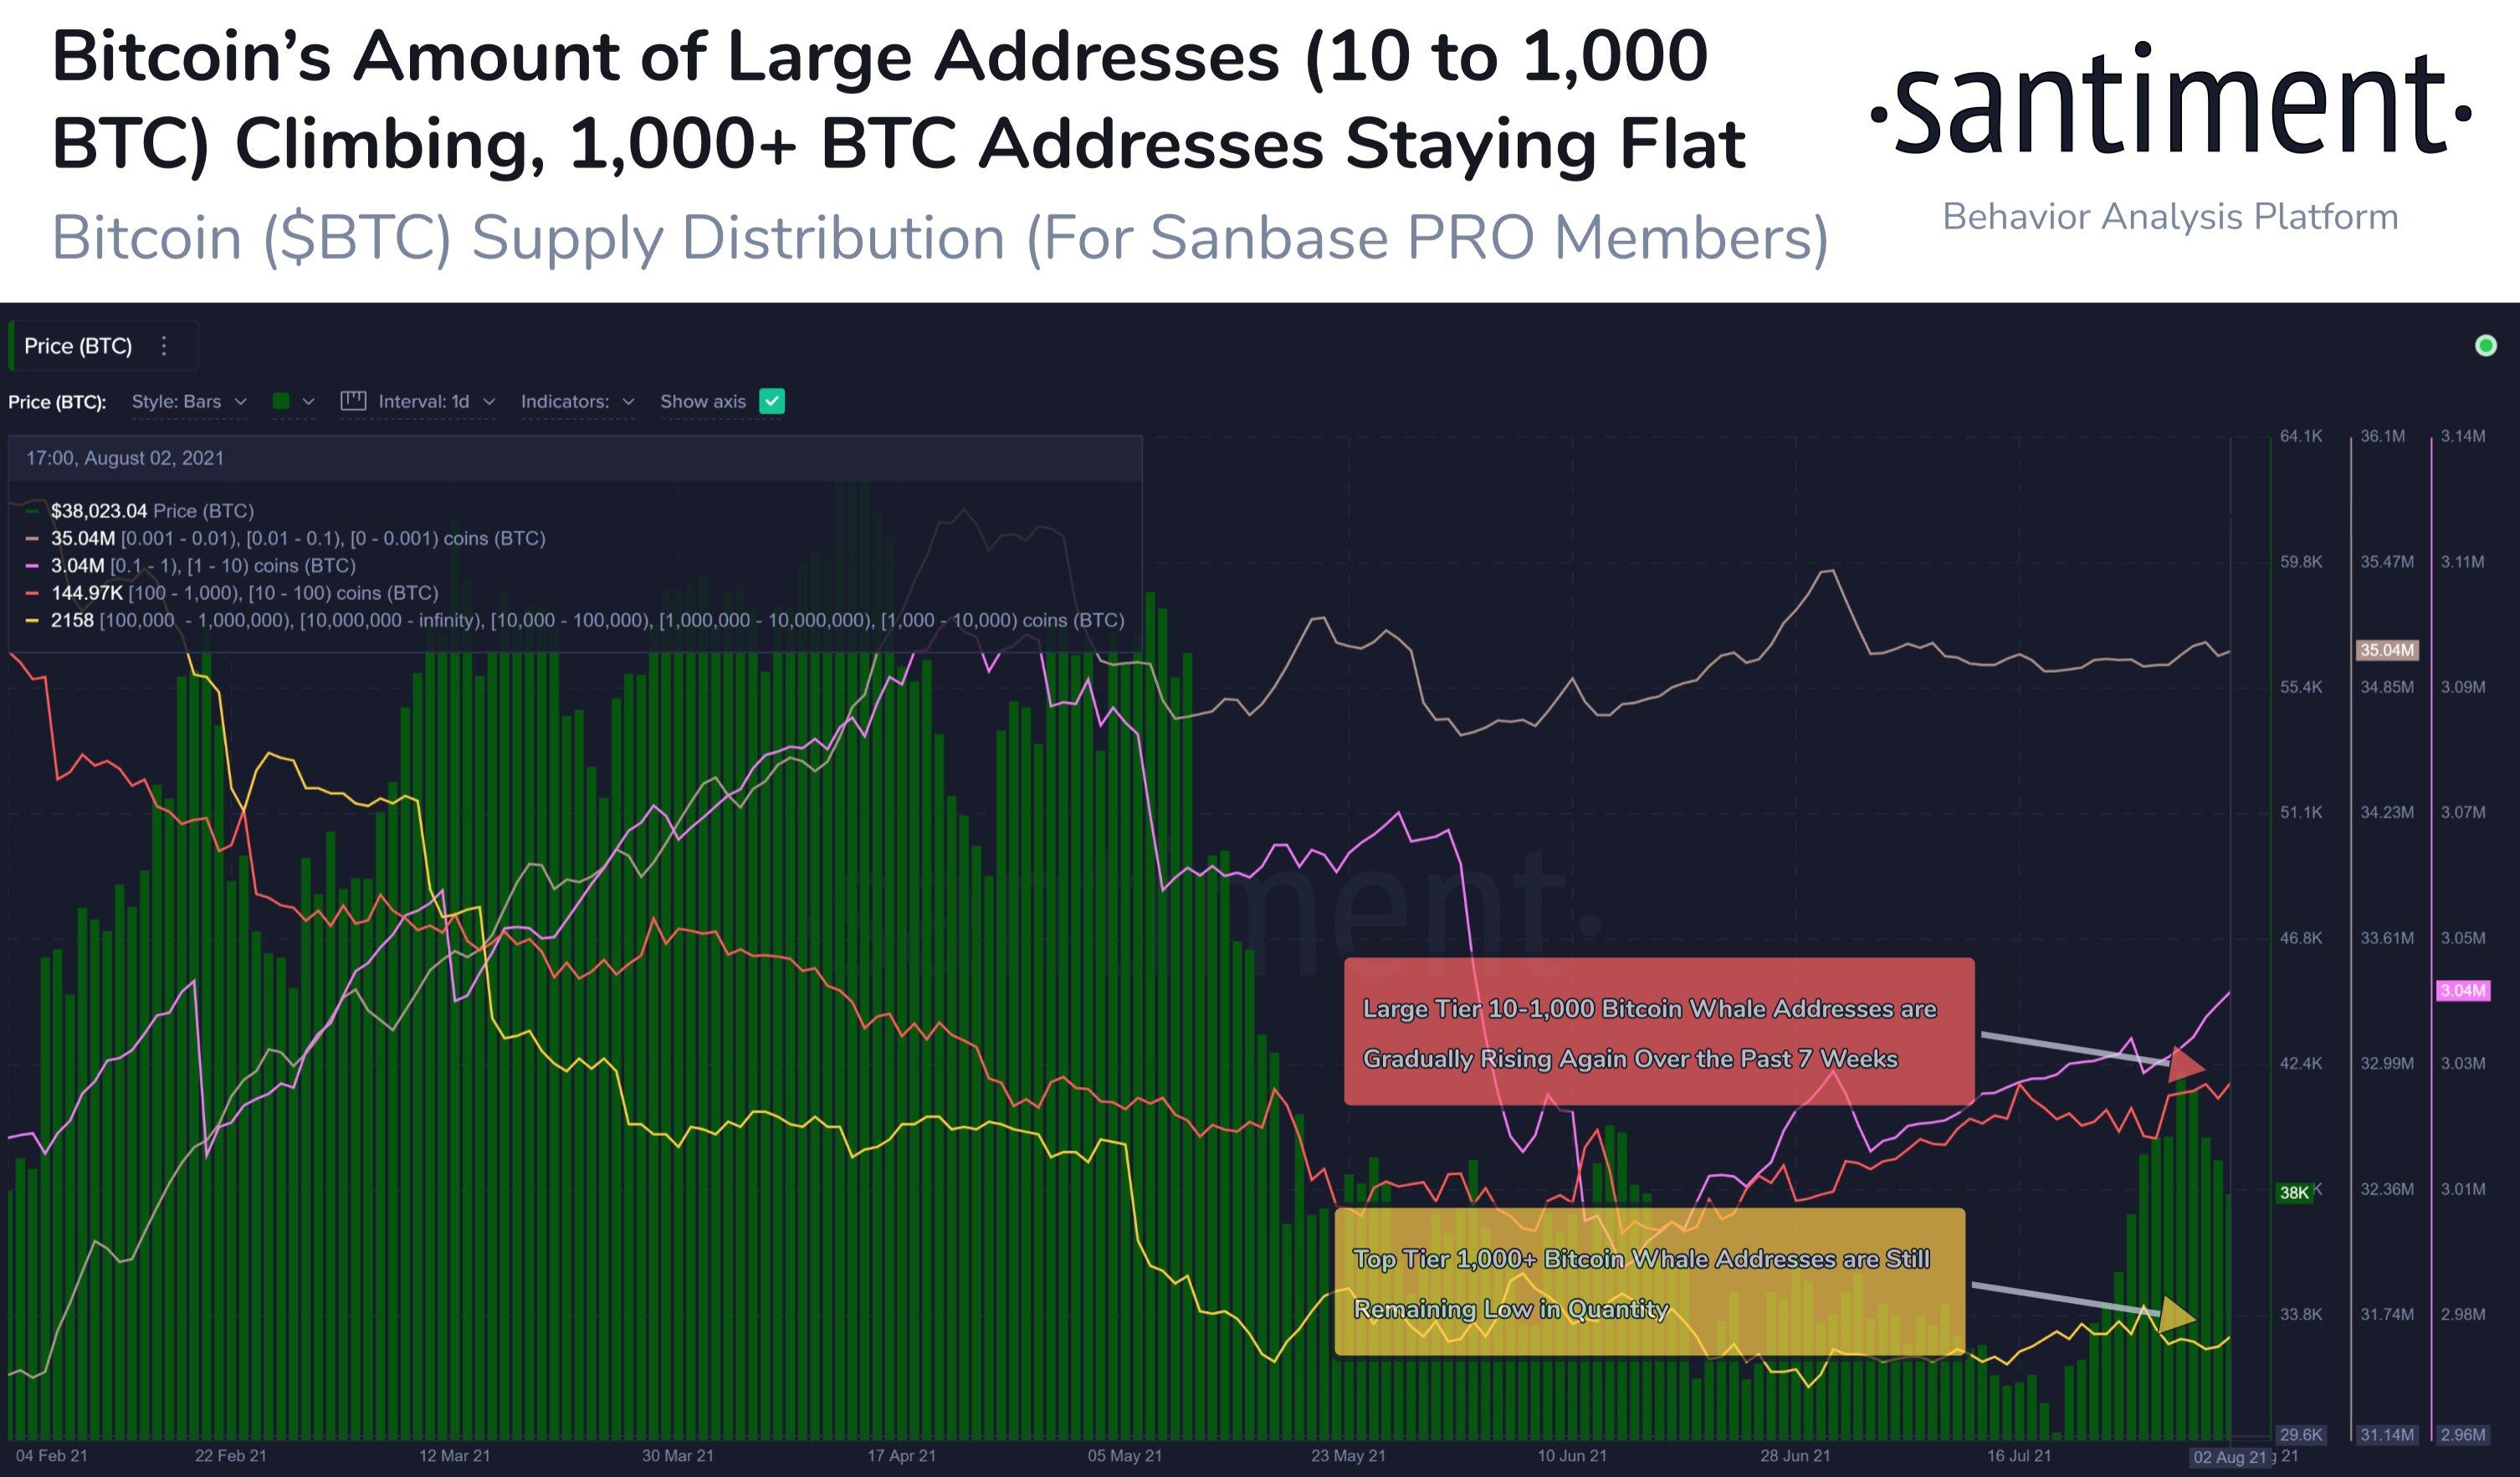 Přerozdělování nabídky BTC, počet mincí v rukou velryb se zvyšuje